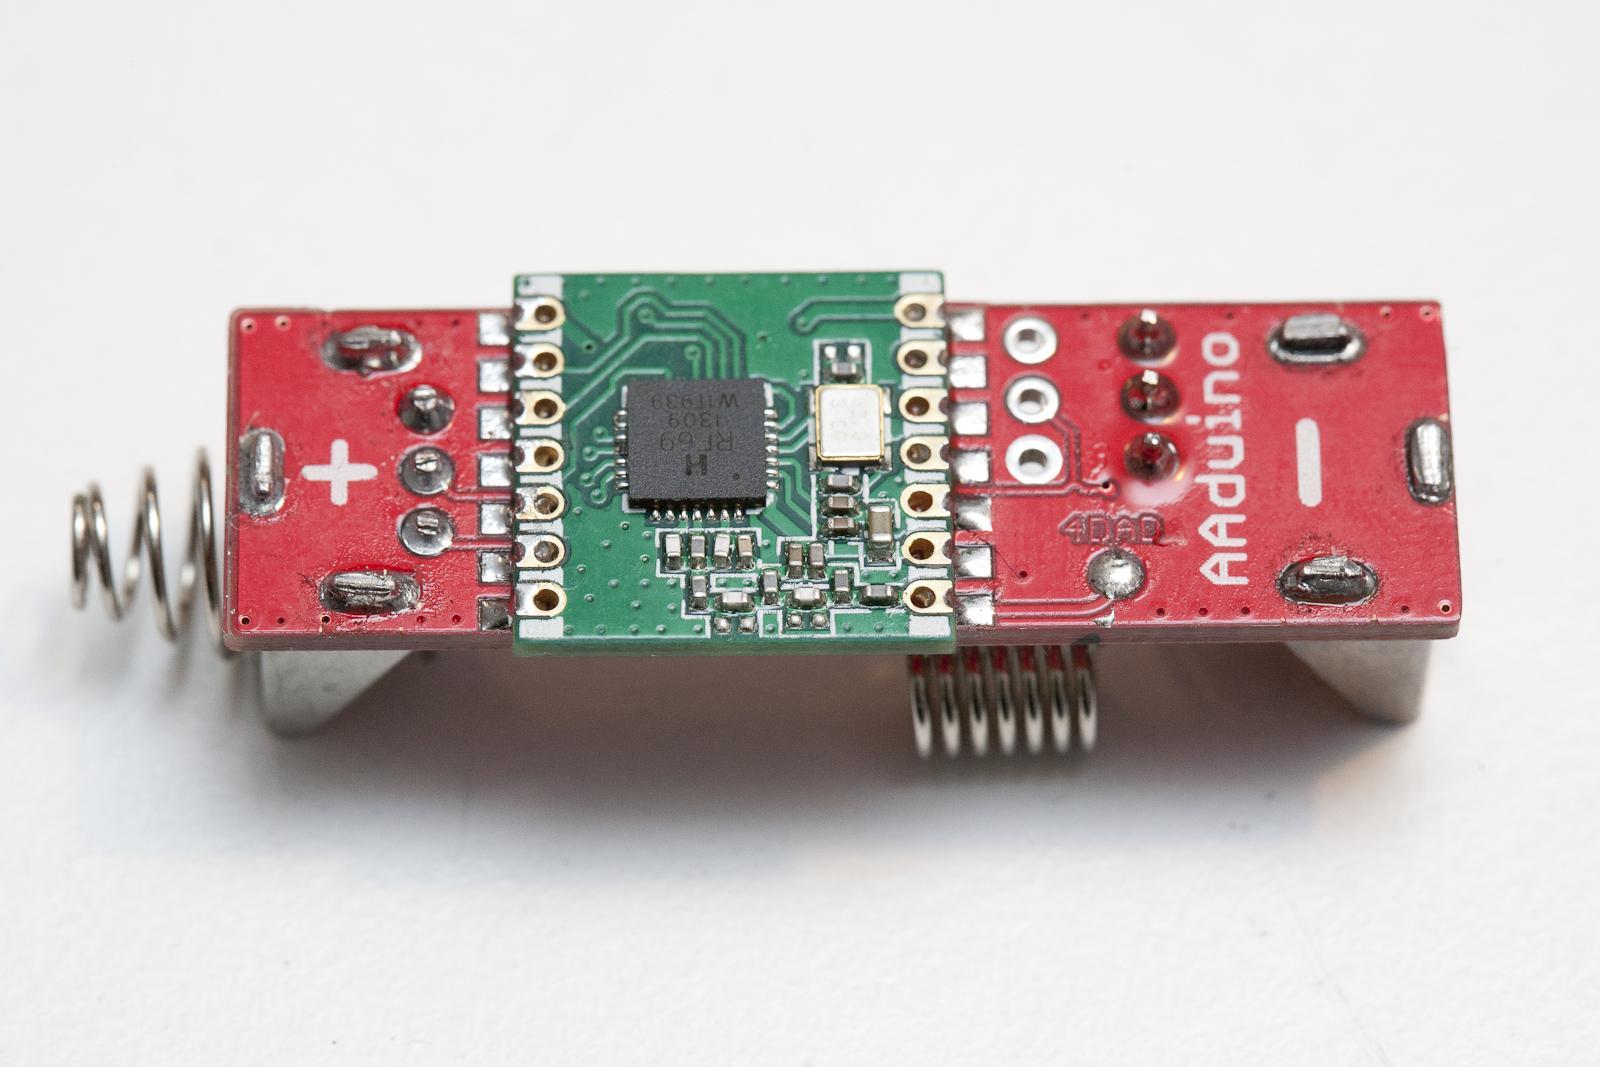 AAduino Arduino im Batterieformat